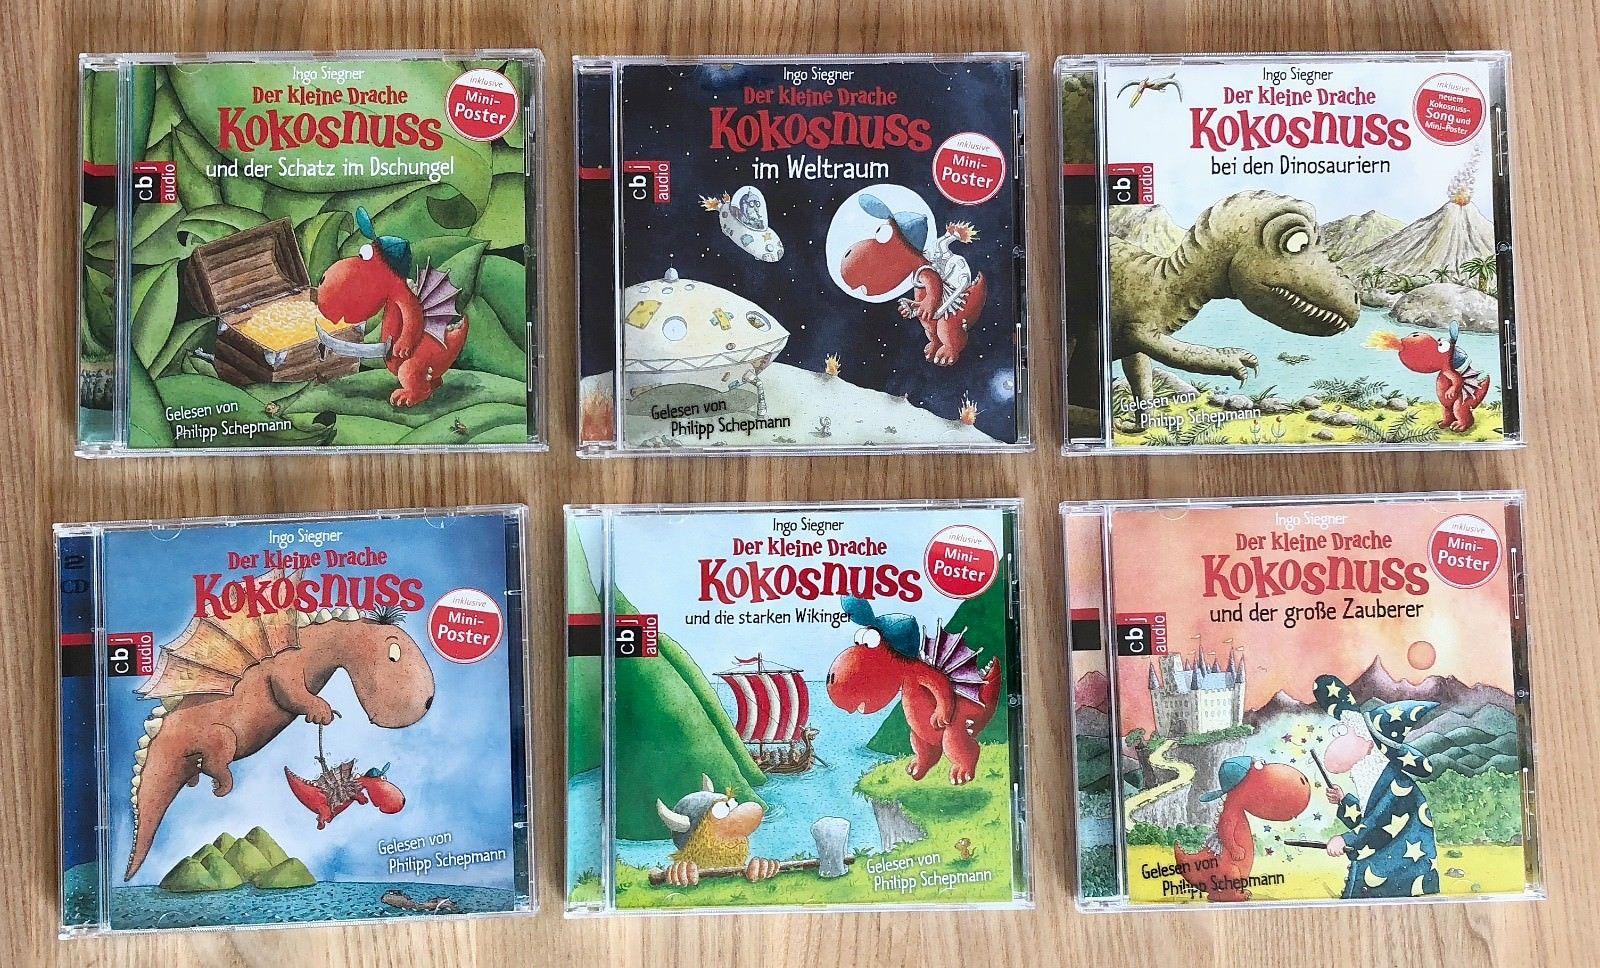 6x CD Der kleine Drache Kokosnuss - sehr guter Zustand -KINDER HÖRSPIEL SAMMLUNG